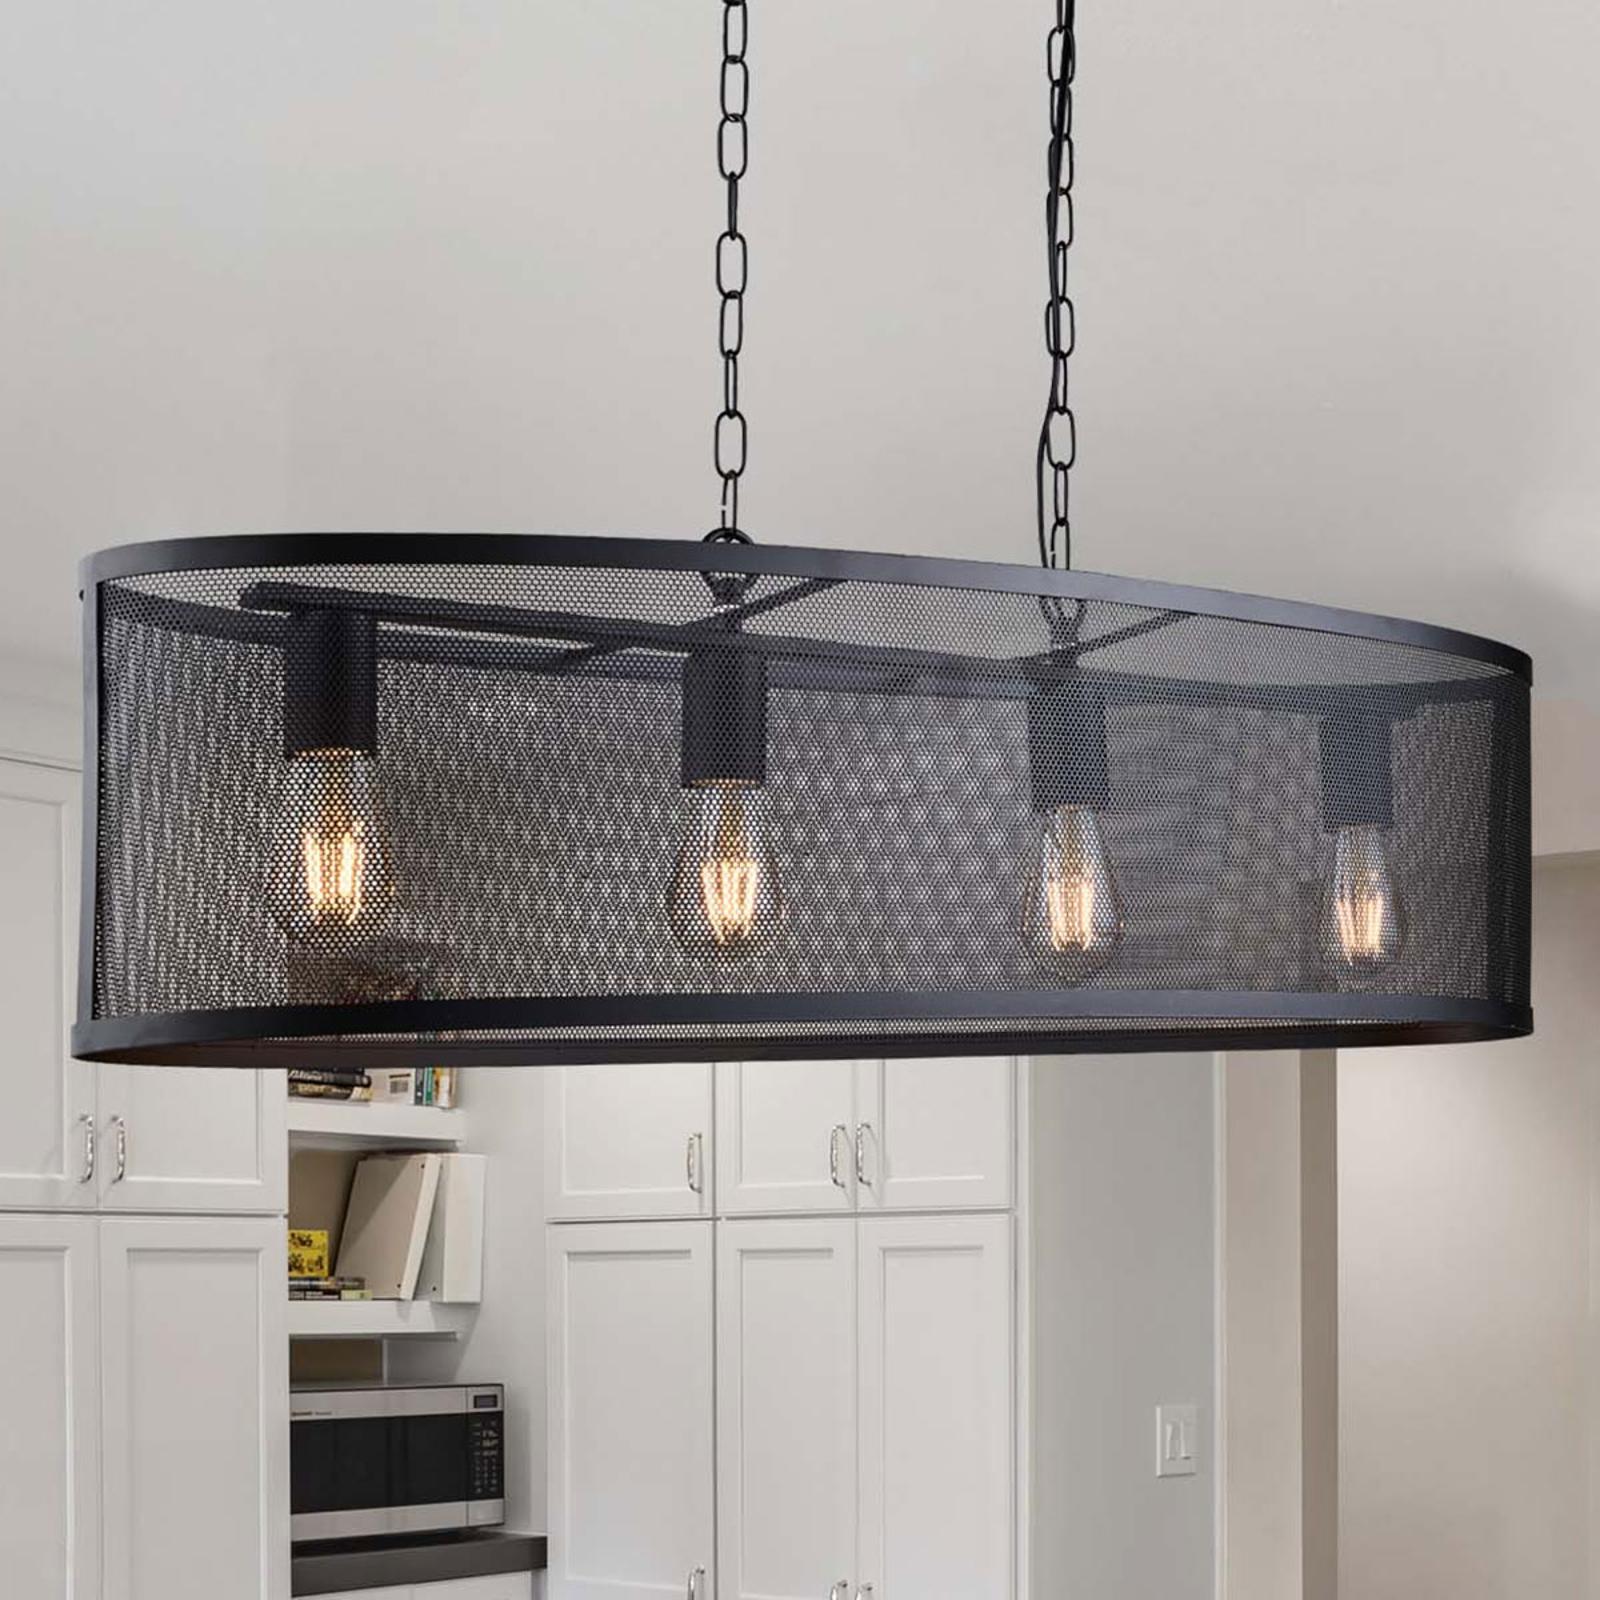 Lampa wisząca Fishnet czarna, długość 91cm